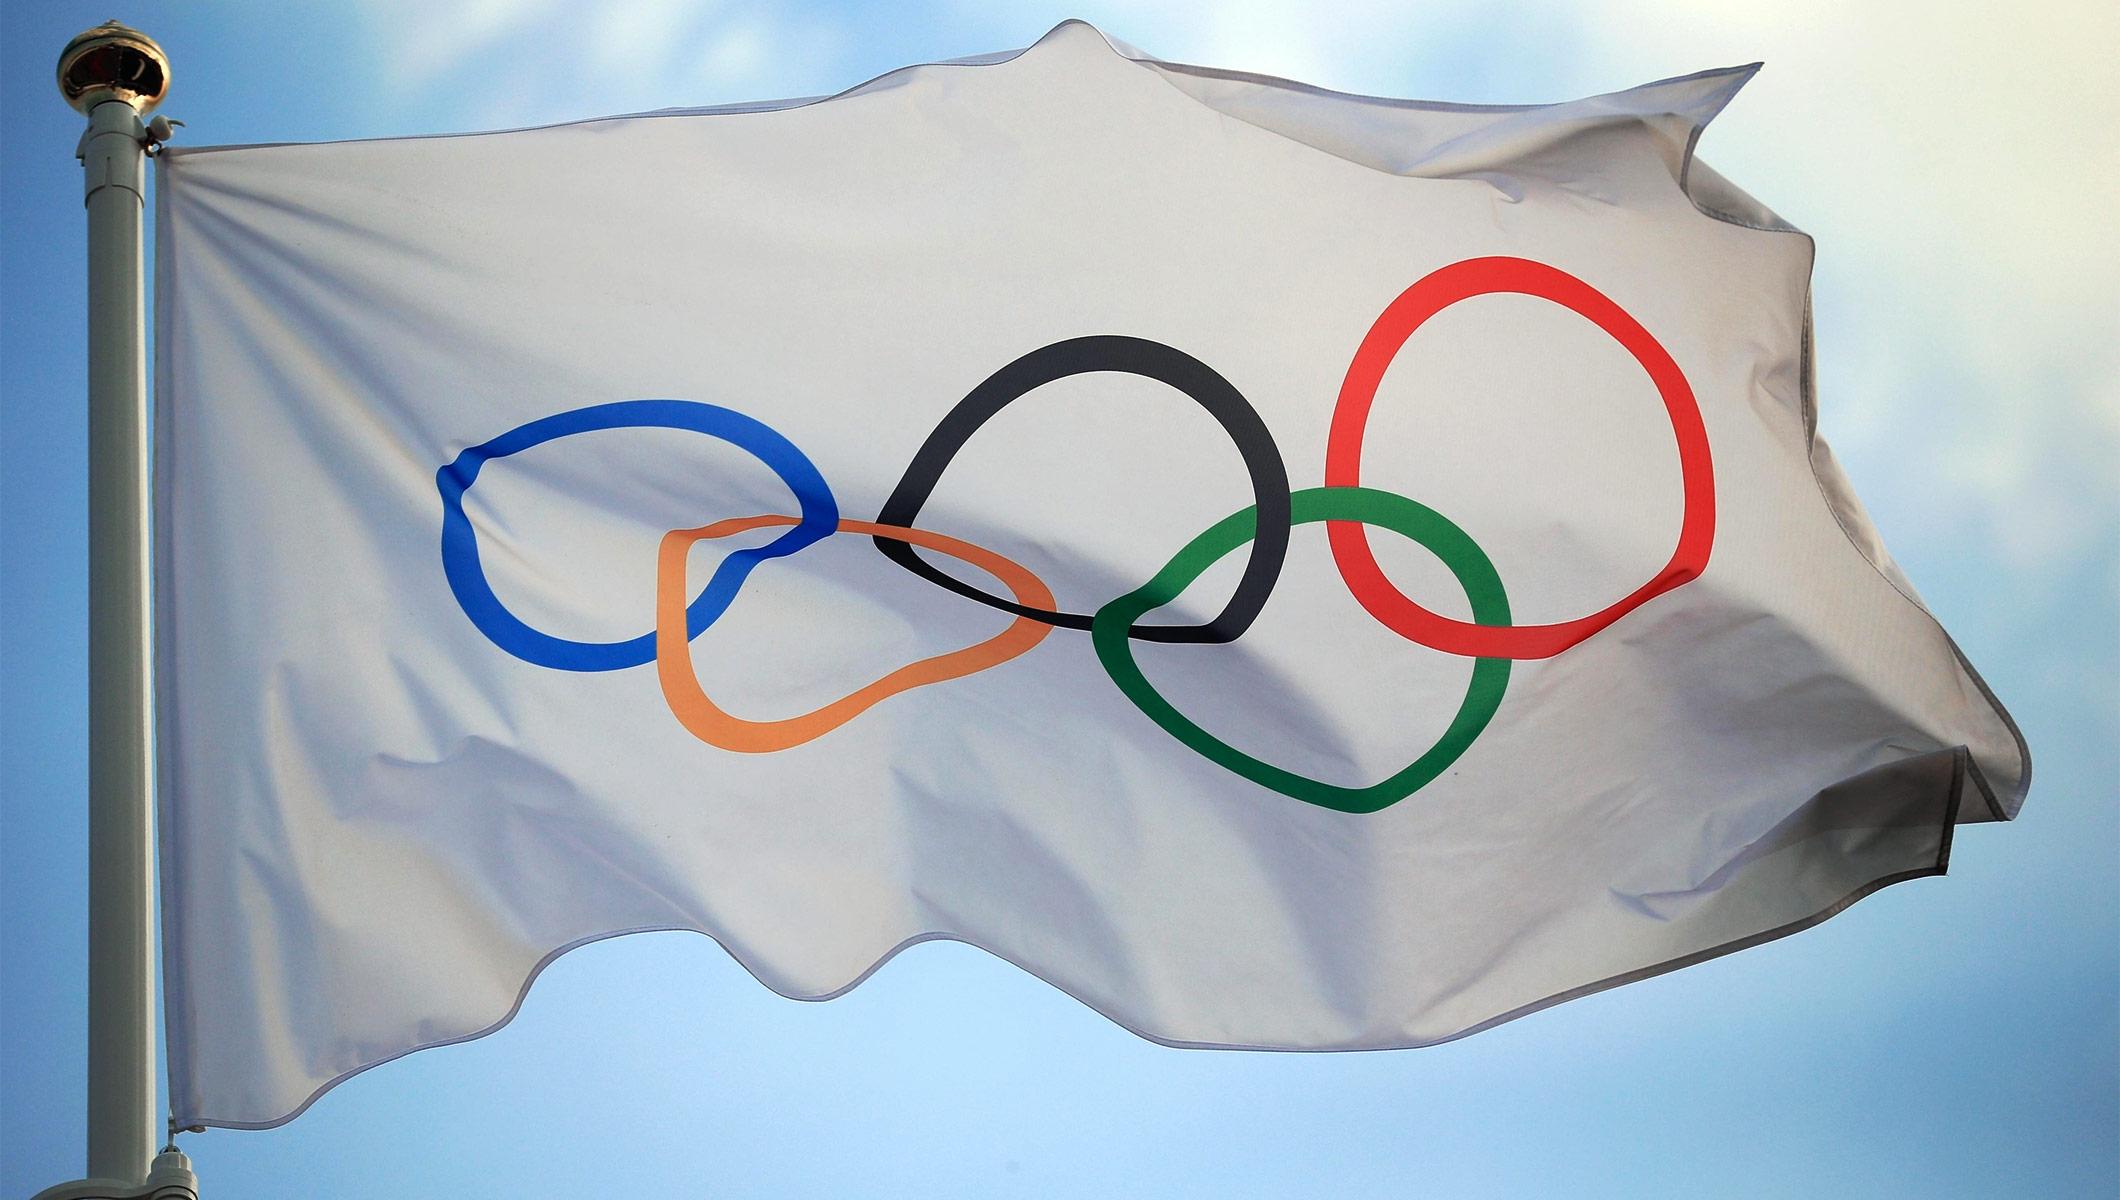 SPORT : Le Sénégal et le Cio conviennent de reporter à 2026 les jeux olympiques de la jeunesse de Dakar 2022